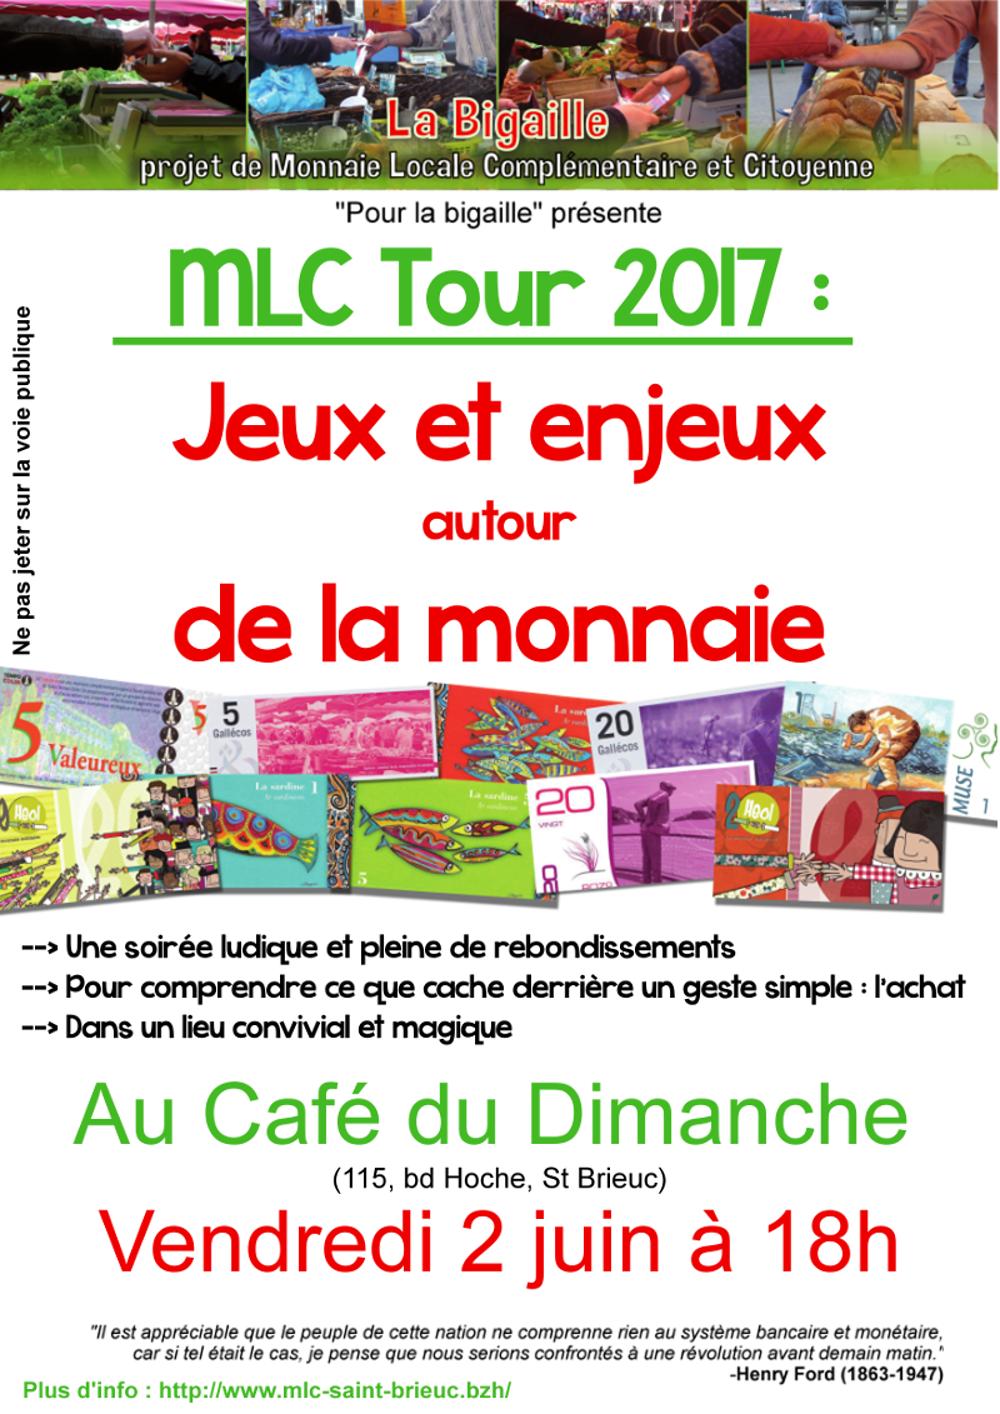 Jeux et enjeux autour de la monnaie : 2 juin, 18h au Café du Dimanche 0